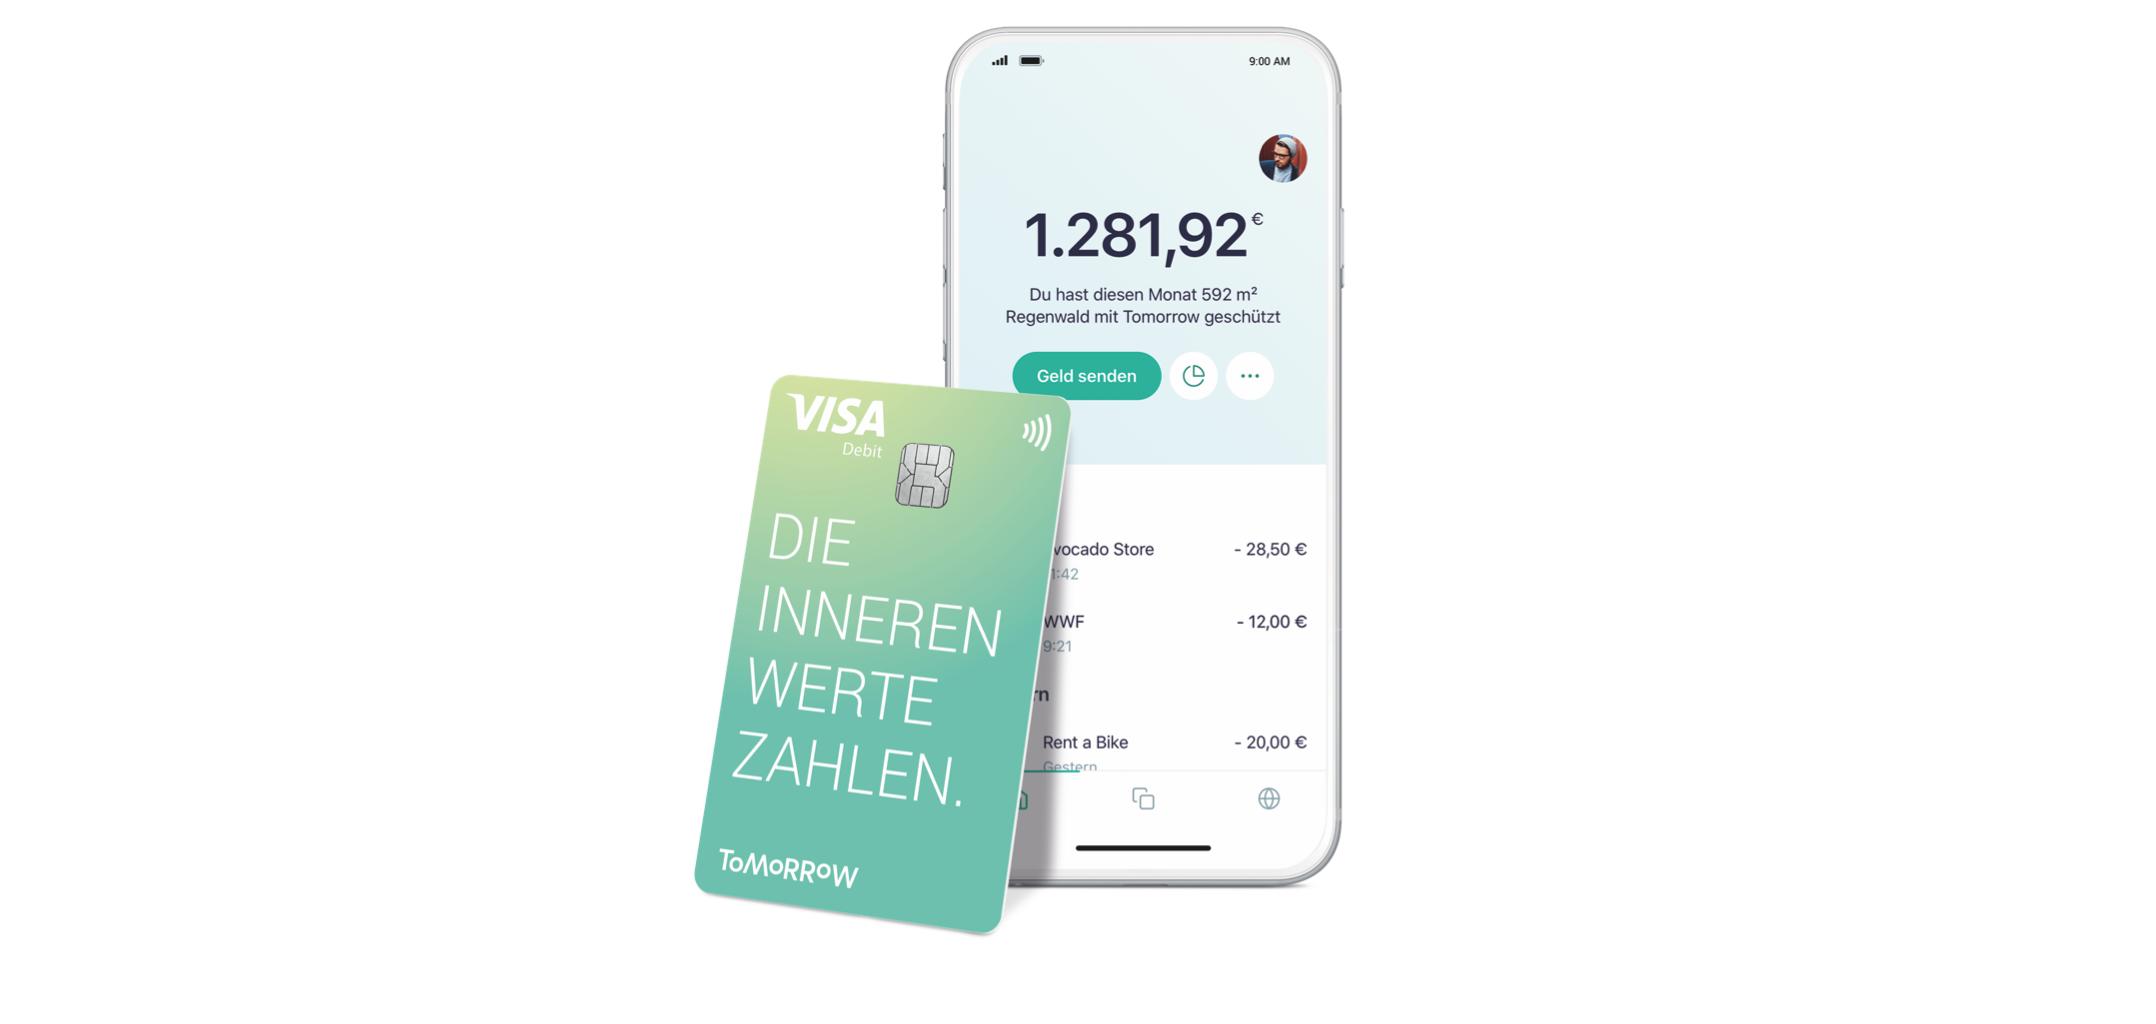 kostenloses girokonto österreich